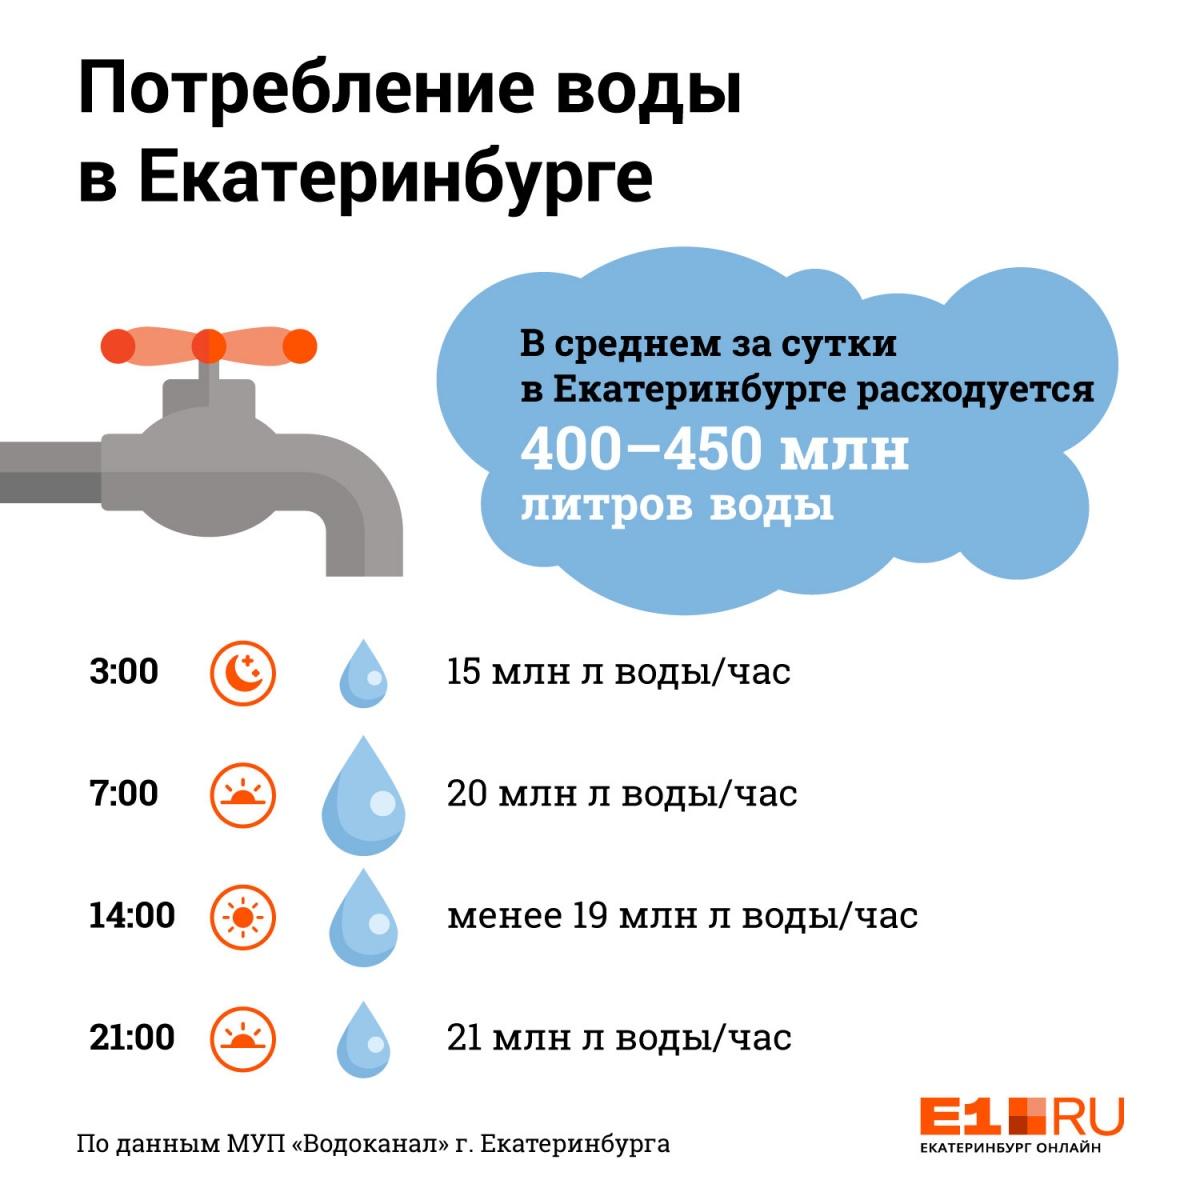 Они за нами следят: в Водоканале рассказали,в какие дни екатеринбуржцы чаще моются и ходят в туалет